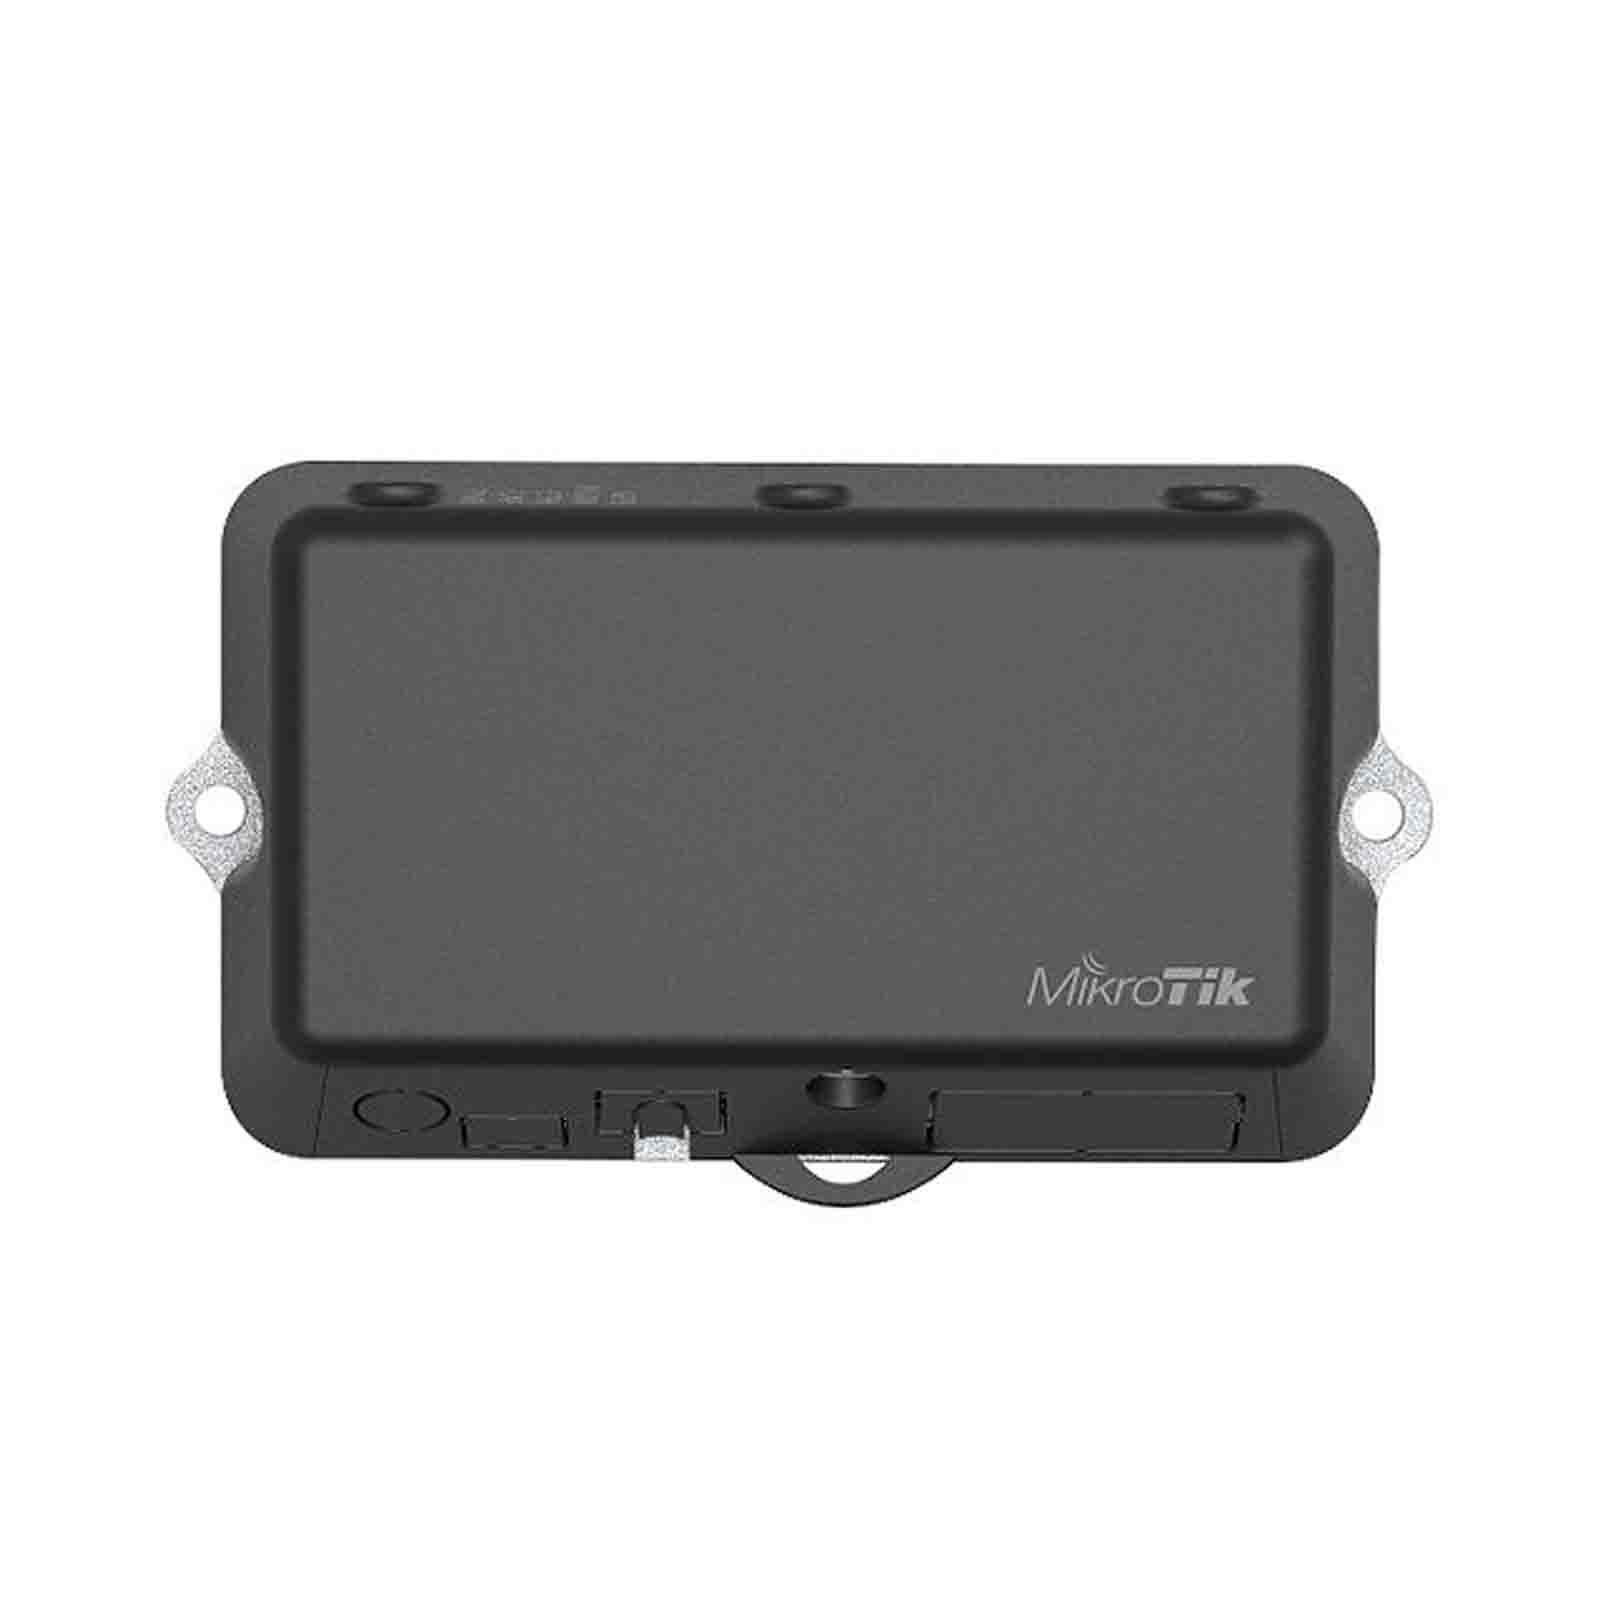 Router LtAP mini LTE kit RB912R-2nD-LTm&R11e-LTE MikroTik